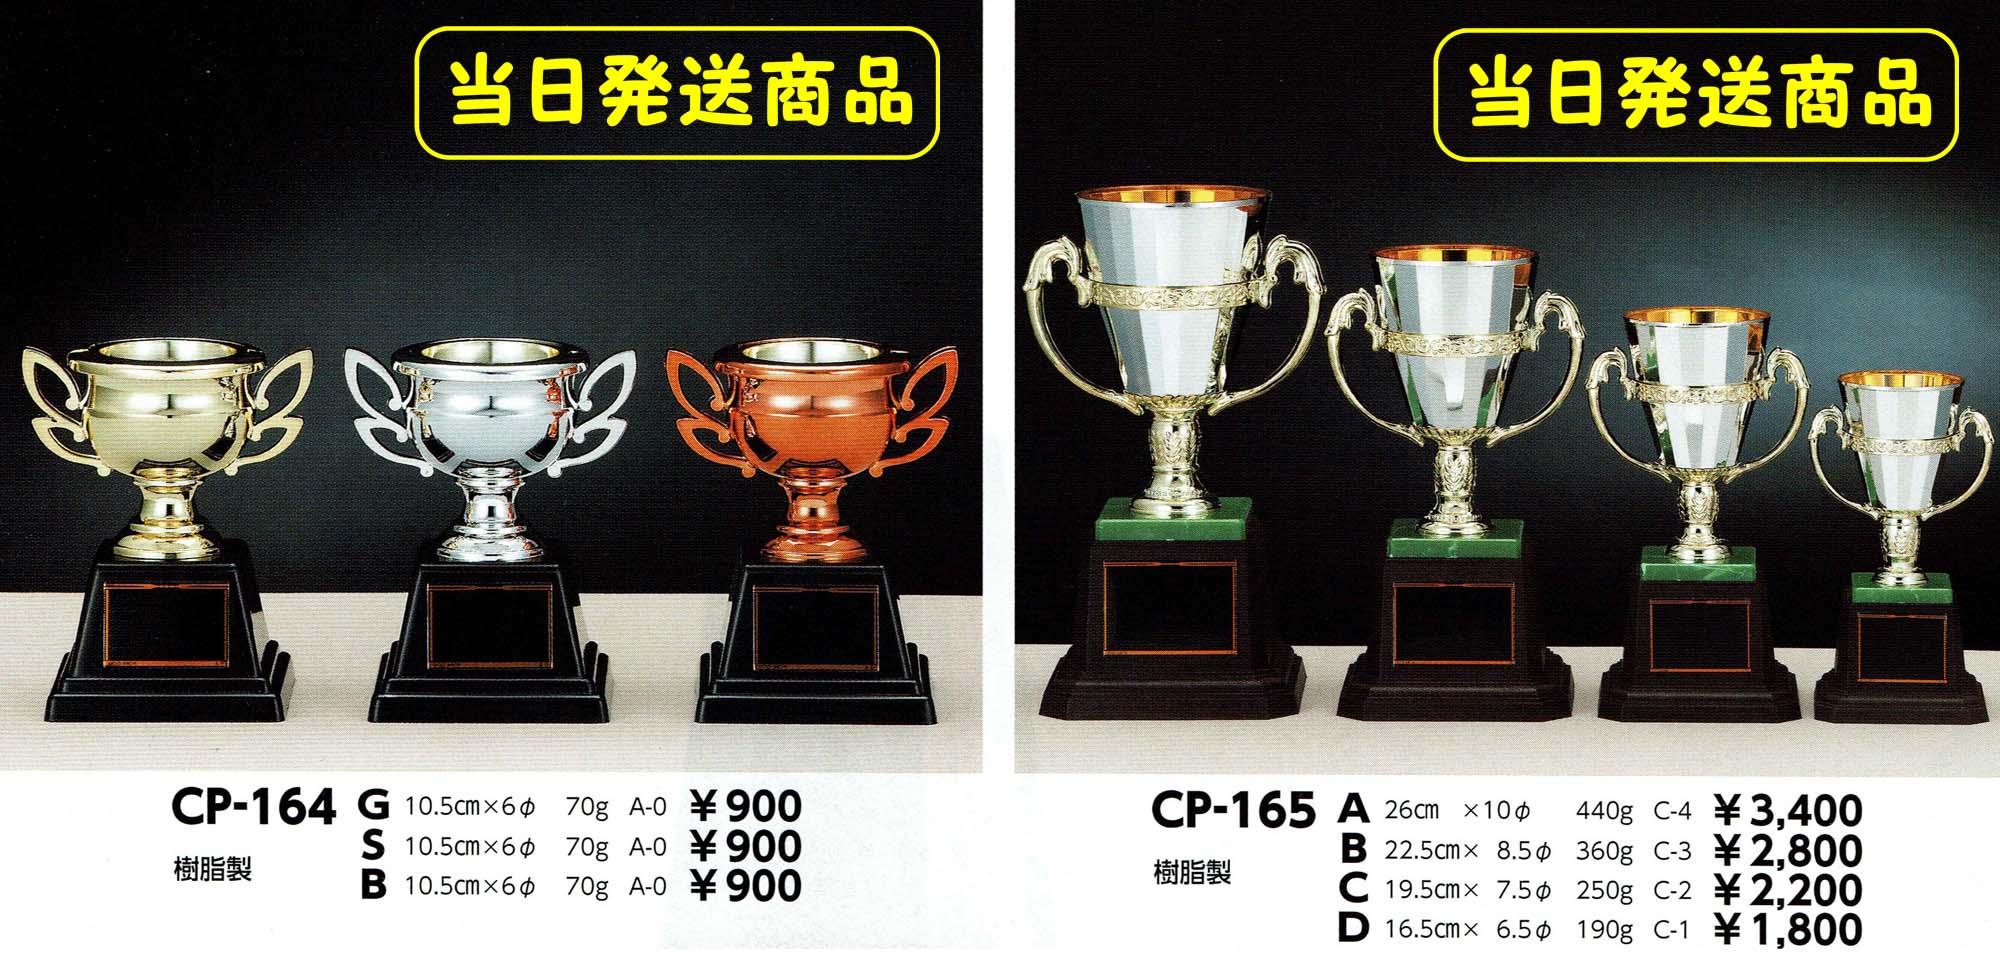 CP164、CP165